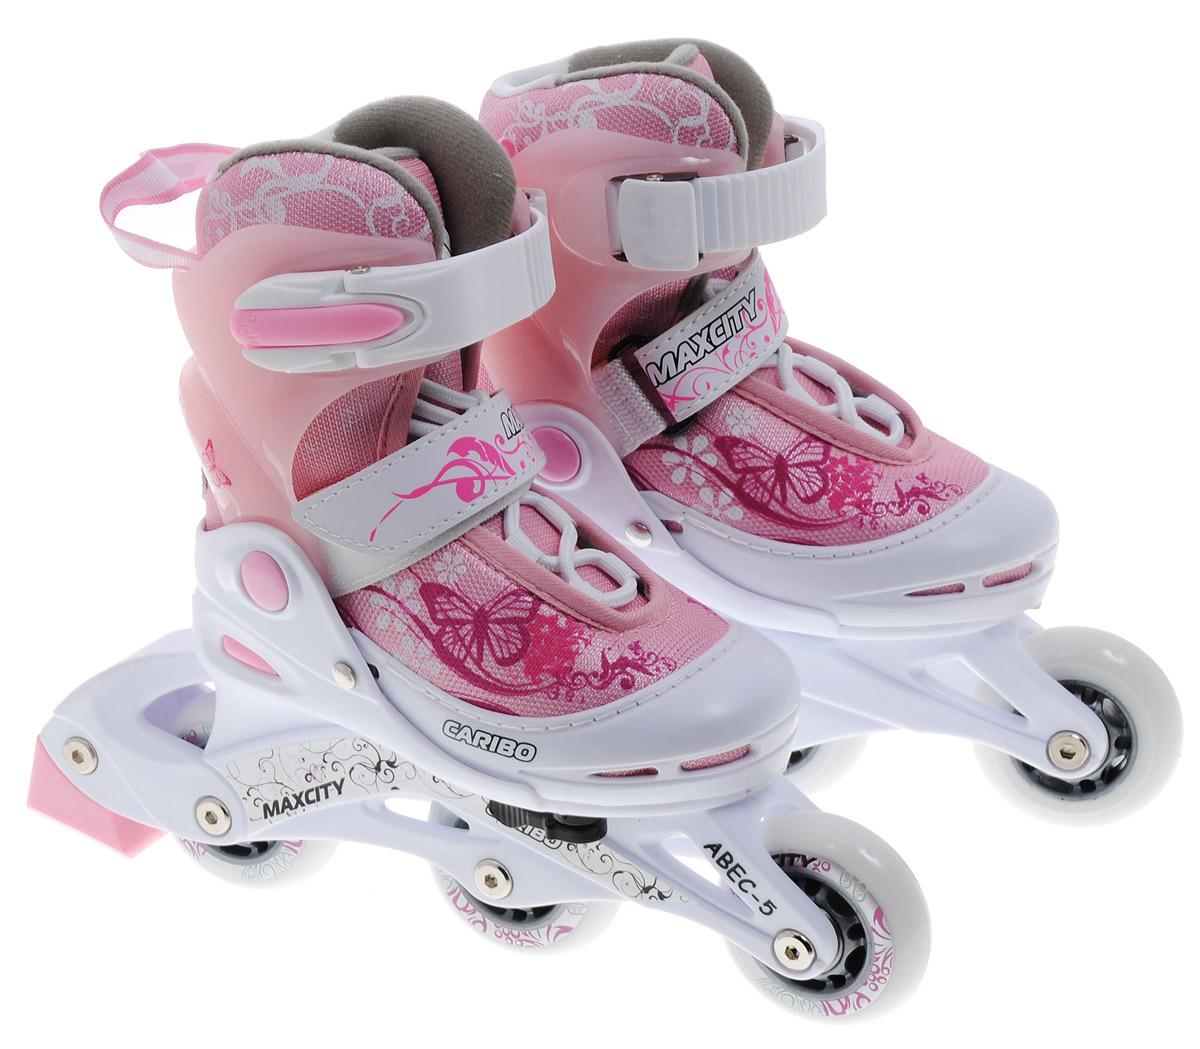 Комплект MaxCity Caribo Combo Girl: коньки роликовые раздвижные, защита, шлем, цвет: розовый, белый. Размер 26/29CARIBOСтильный комплект Caribo Combo от MaxCity состоит из раздвижных роликовых коньков, шлема и защиты (наколенники, налокотники, защита запястий) и оформлен ярким оригинальным принтом. Комплект предназначен для детей и начинающих роллеров. Ботинок конька изготовлен из комбинированных синтетических и полимерных материалов, обеспечивающих максимальную вентиляцию ноги. Анатомически облегченная конструкция ботинка из пластика обеспечивает улучшенную боковую поддержку и полный контроль над движением. Подкладка из мягкого текстиля комфортна при езде. Стелька Hi Dri из ЭВА с бактериальным покрытием обеспечивает комфорт, амортизацию и предотвращает появление запаха. Классическая шнуровка обеспечивает отличную фиксацию на ноге. Также модель оснащена ремешком с липучкой на подъеме и на голенище - клипсой с фиксатором. Пластиковая рама почти не уступает в прочности металлической, но амортизирует не только усилие ноги, но и неровности дорожного покрытия, и не позволяет быстро разгоняться. Мягкие...